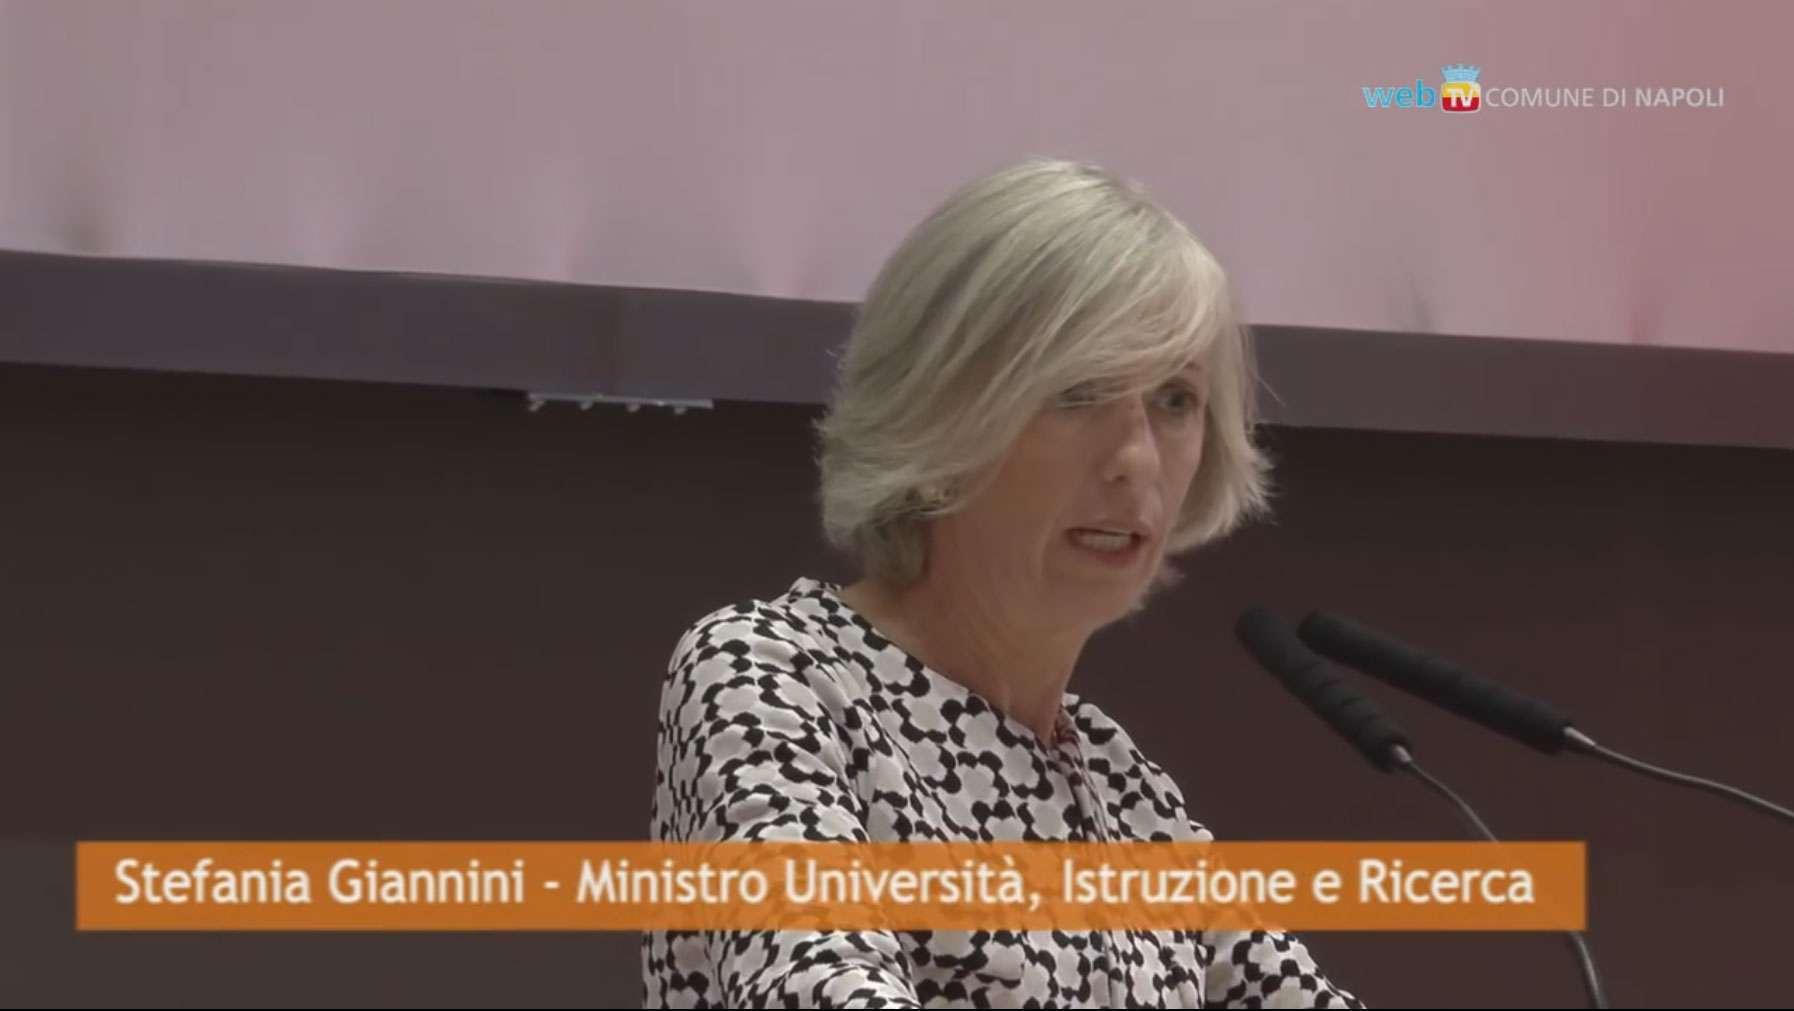 La Ministra dell'Università e della Ricerca, Stefania Giannini